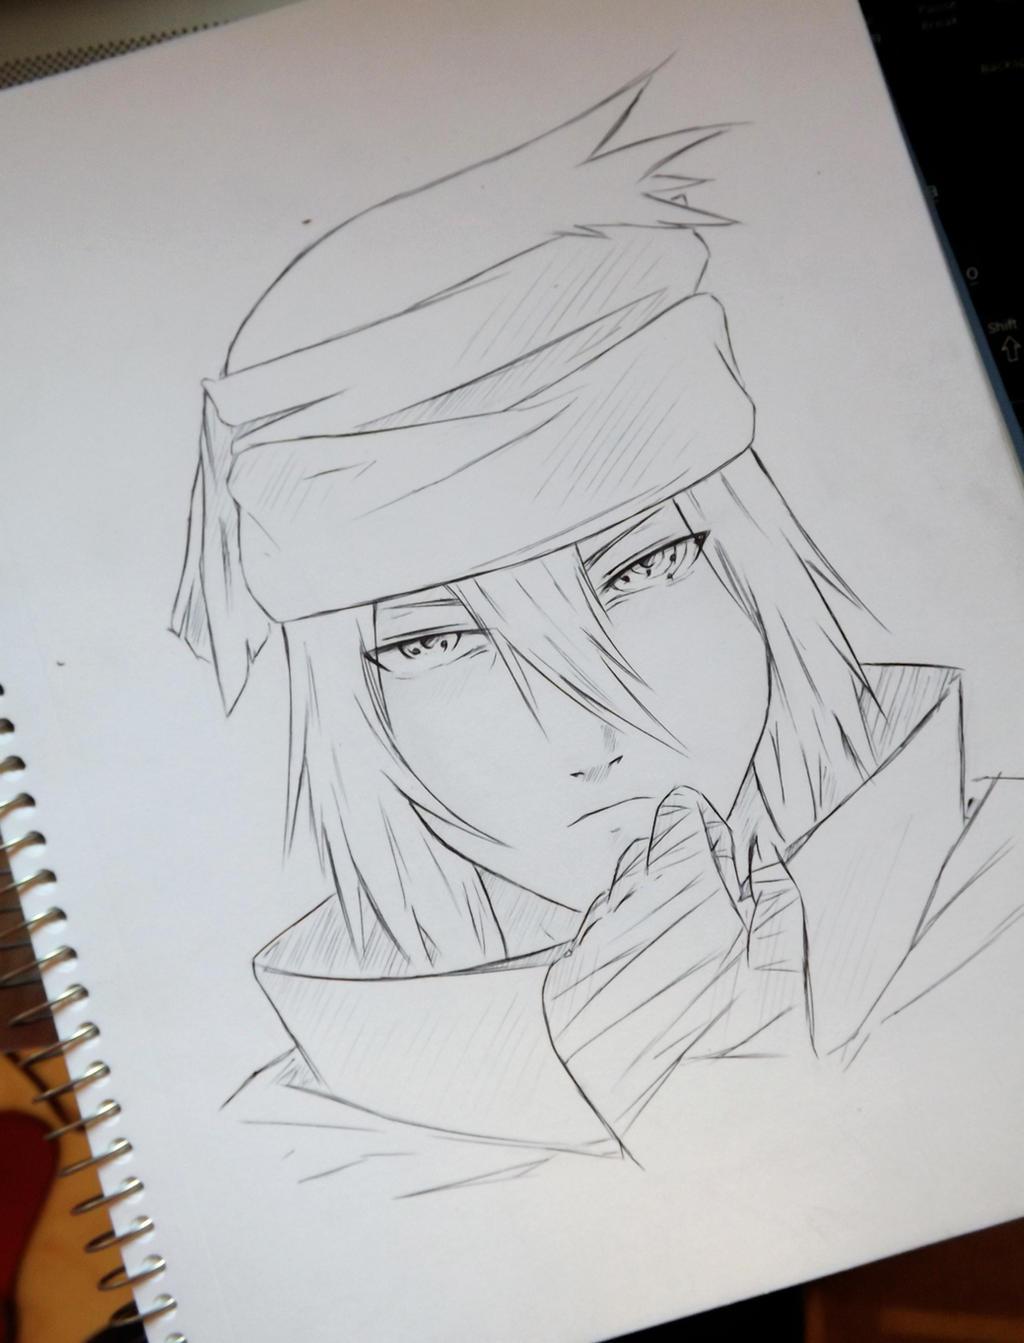 Sasuke - Naruto The Last xd by DiegoYojiJoji on DeviantArt